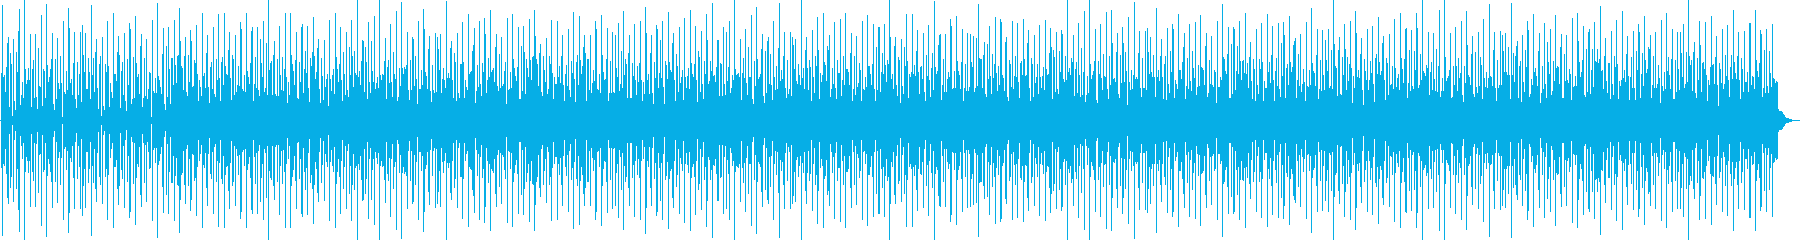 具体的なメロディが無いBGMです。爽や…の再生済みの波形